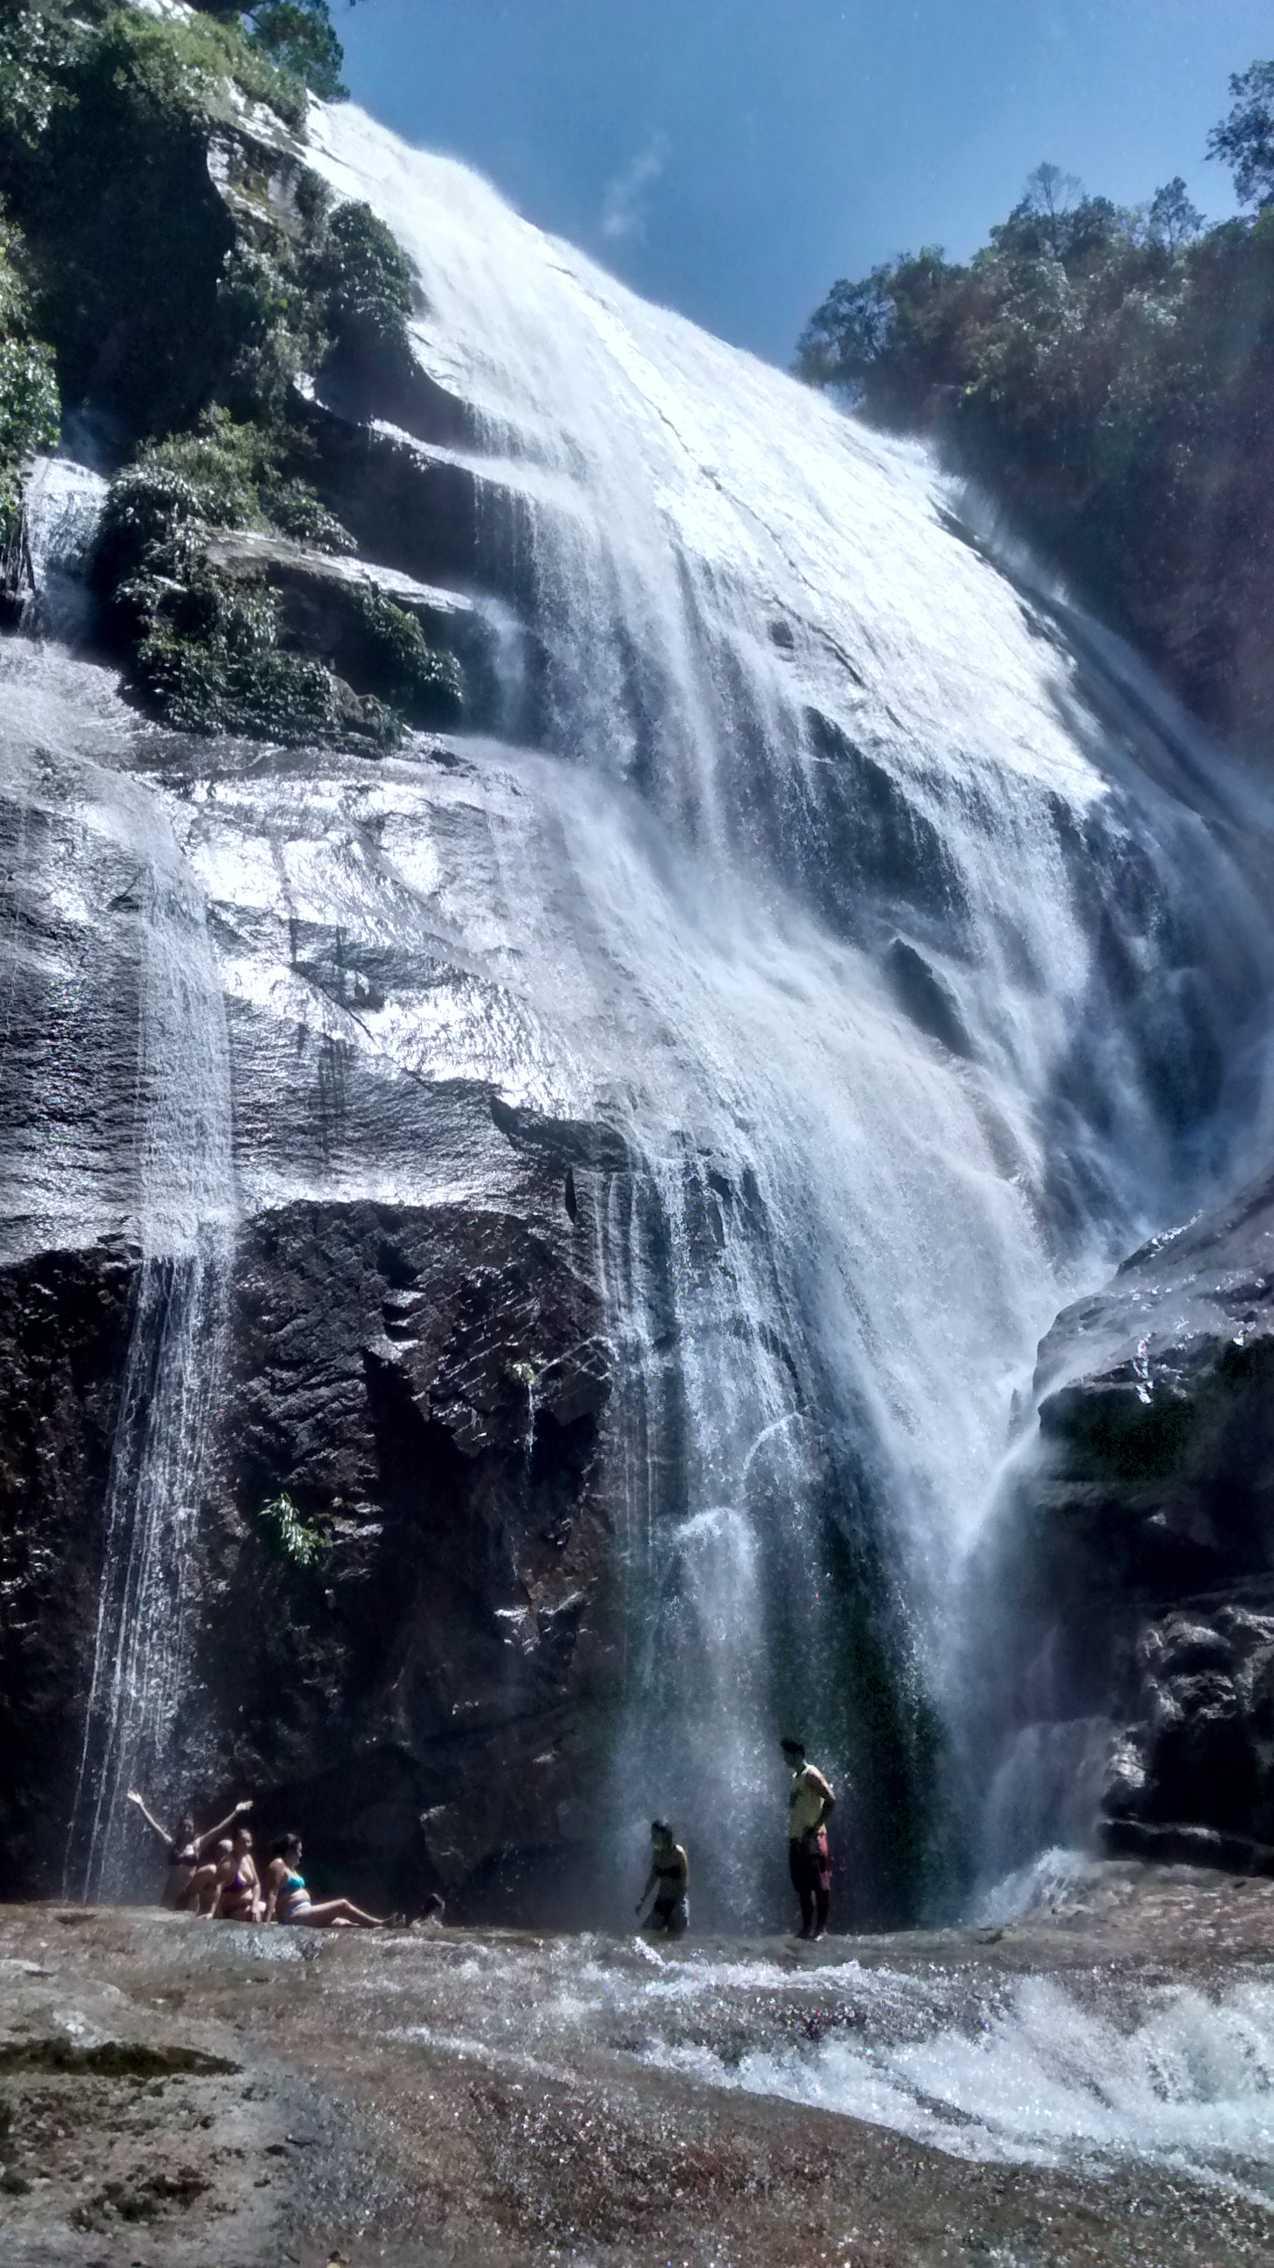 Passeio em Ilhabela cachoeira do gato (2).jpg